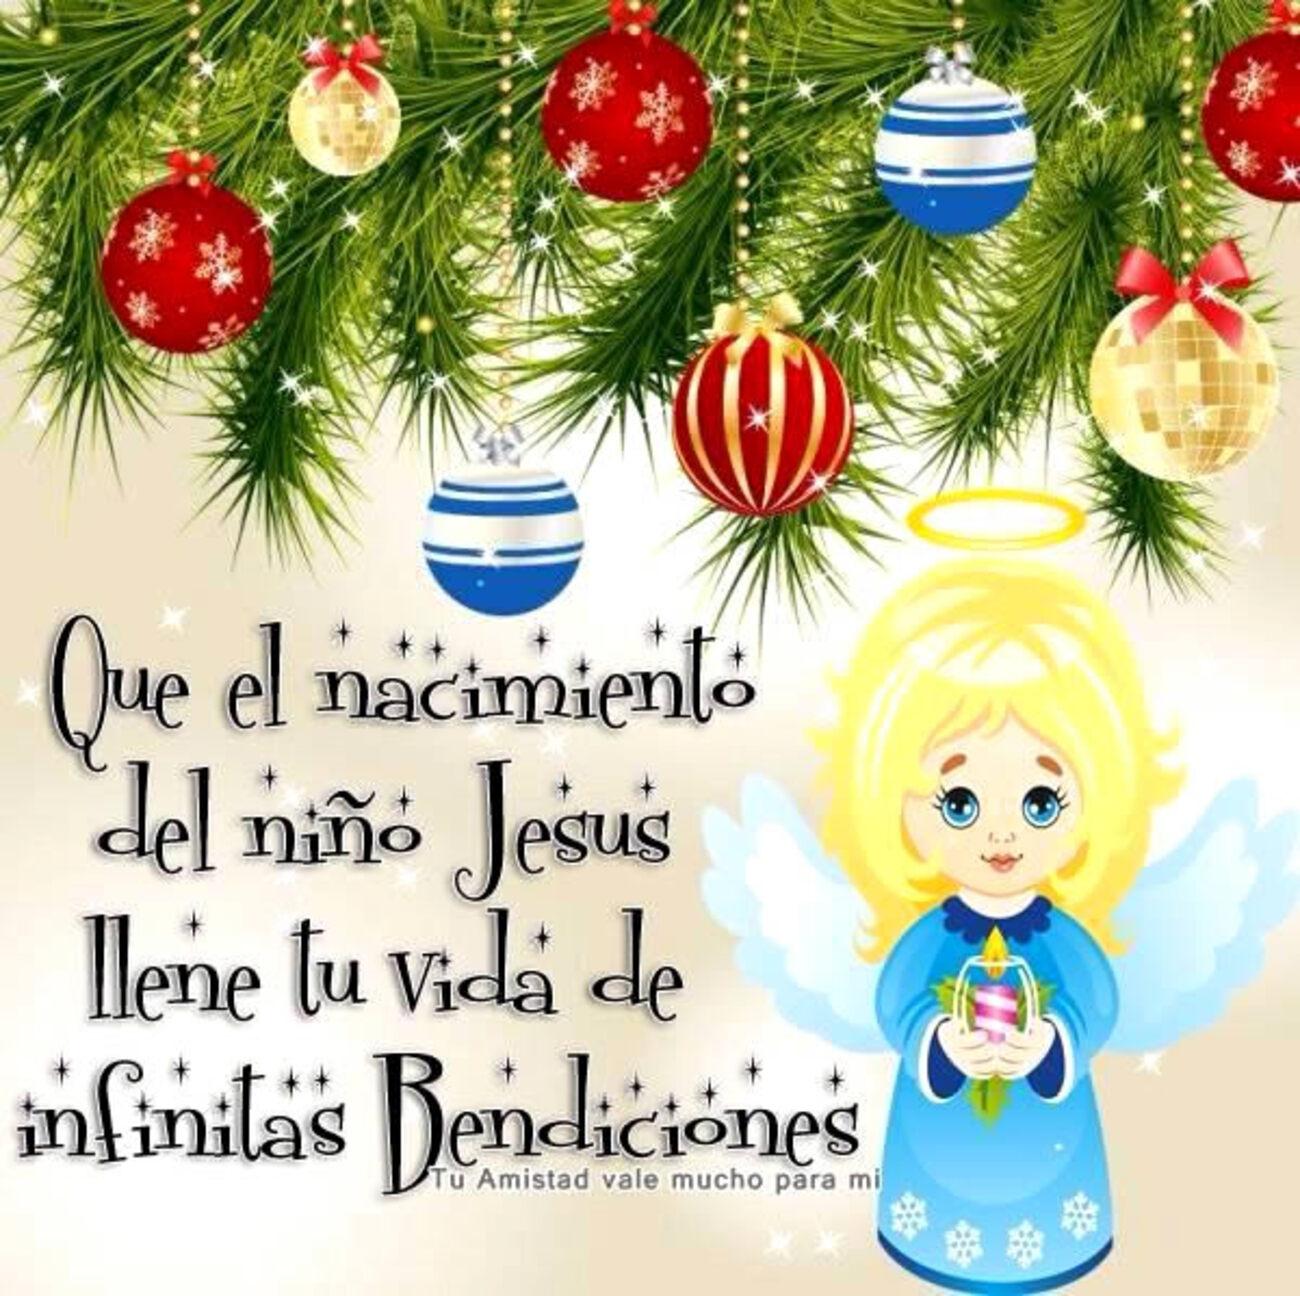 Que el nacimiento del niño Jesus llene tu vida de infinitas bendiciones